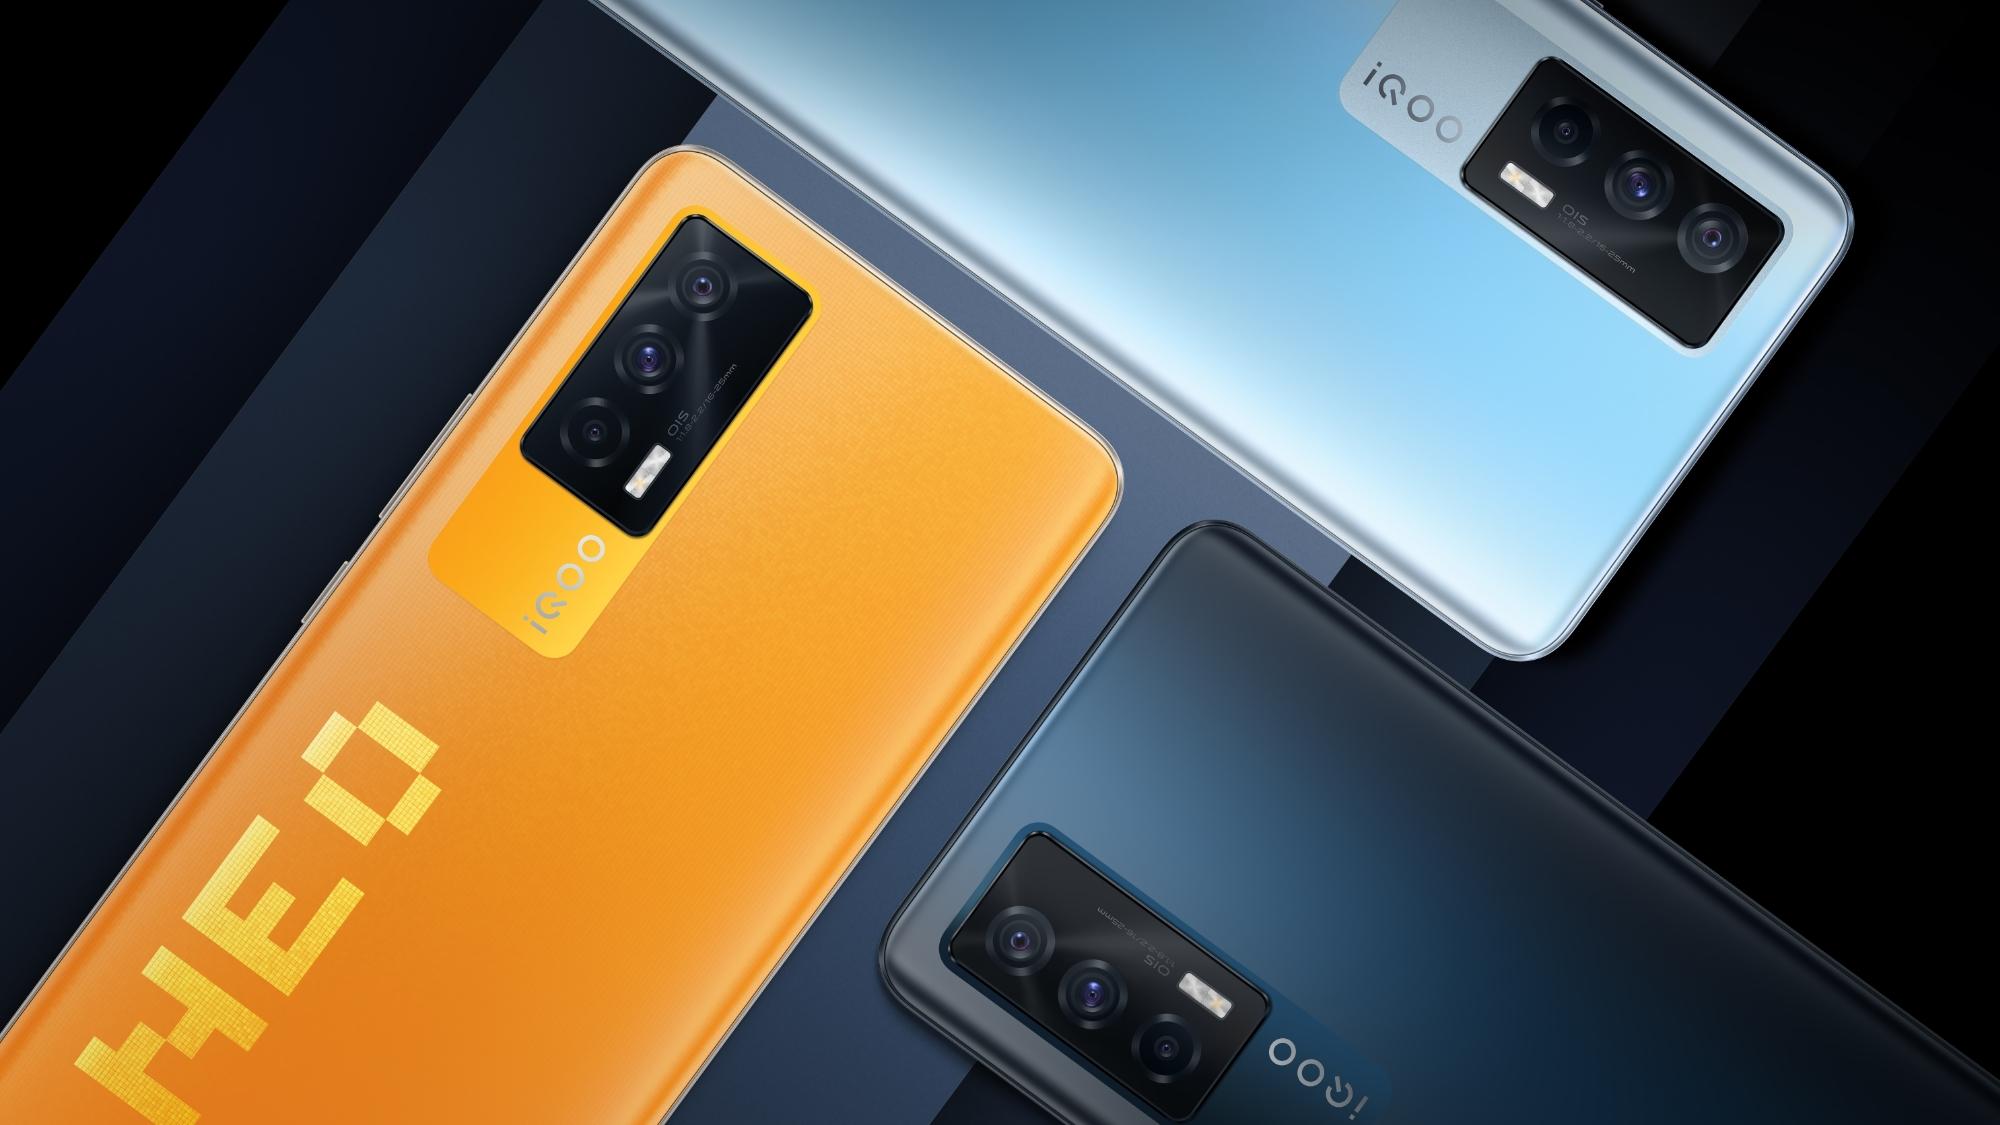 Vivo готовит к выходу новую версию iQOO Neo 5 с чипом Snapdragon 870 и ценником, как у Redmi K40 Gaming Edition